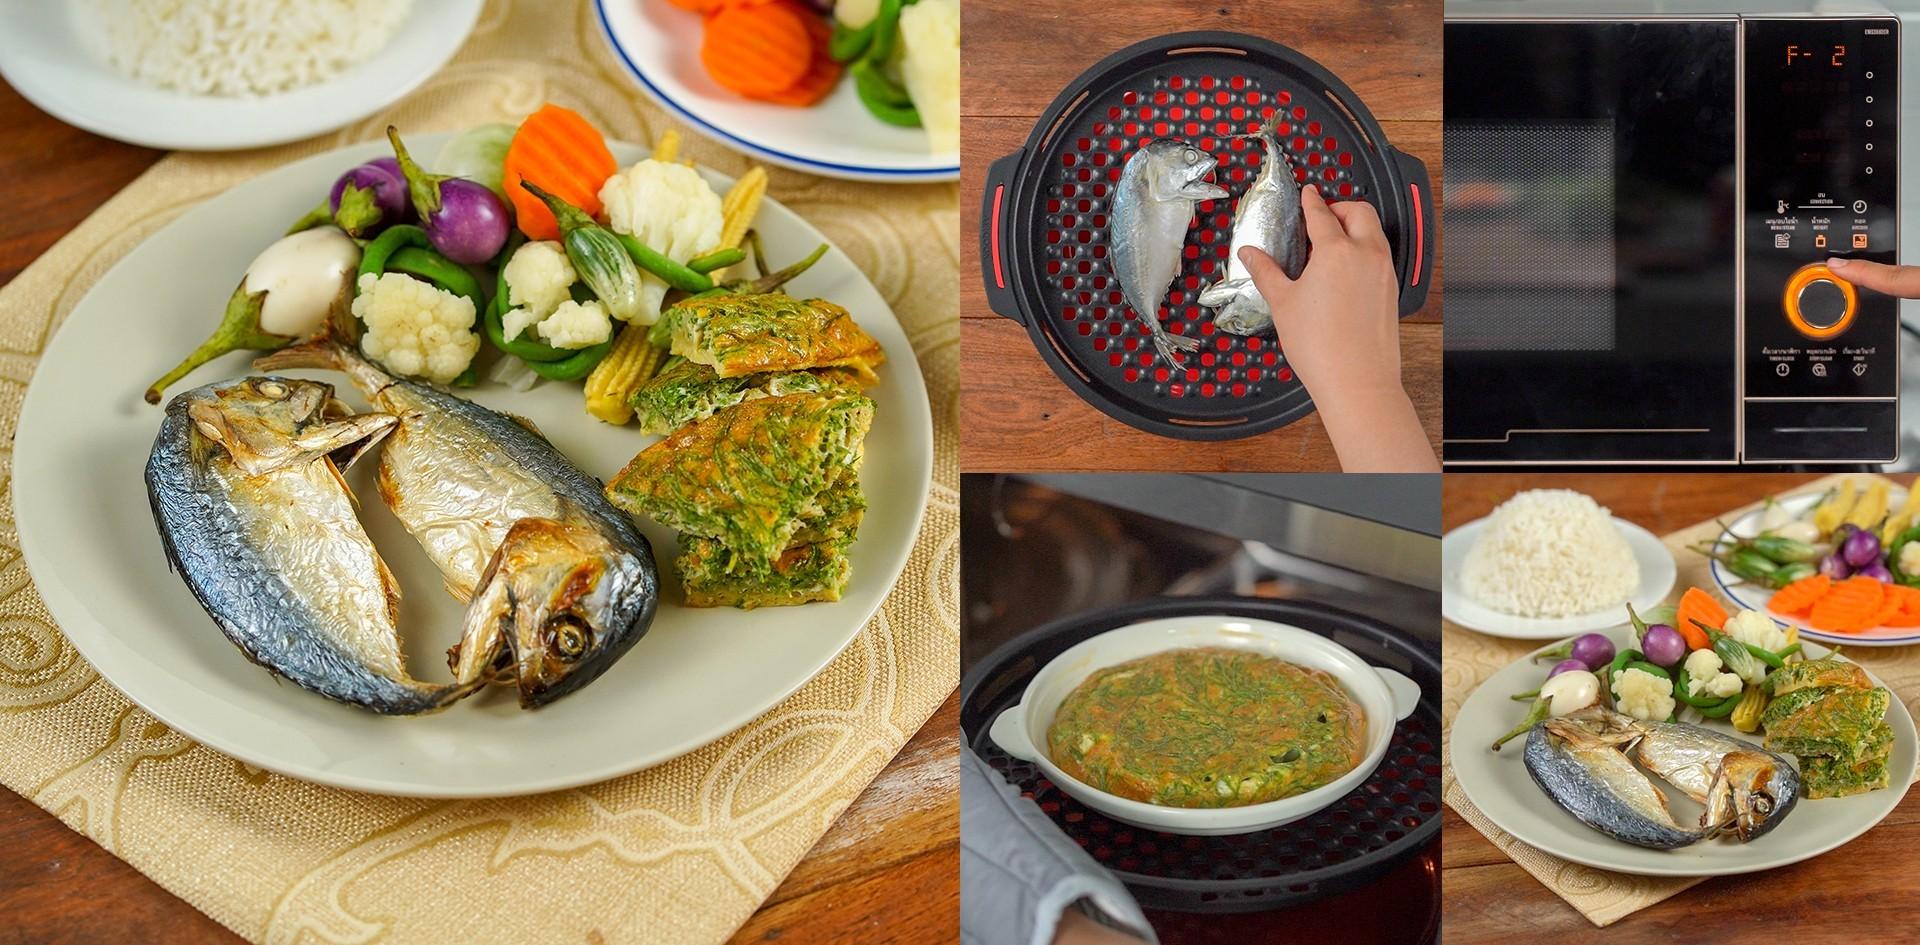 """วิธีทำ""""ปลาทูทอดไข่ชะอมไร้น้ำมัน"""" เมนูอาหารไทย ดีต่อใจ แบบไร้น้ำมัน"""